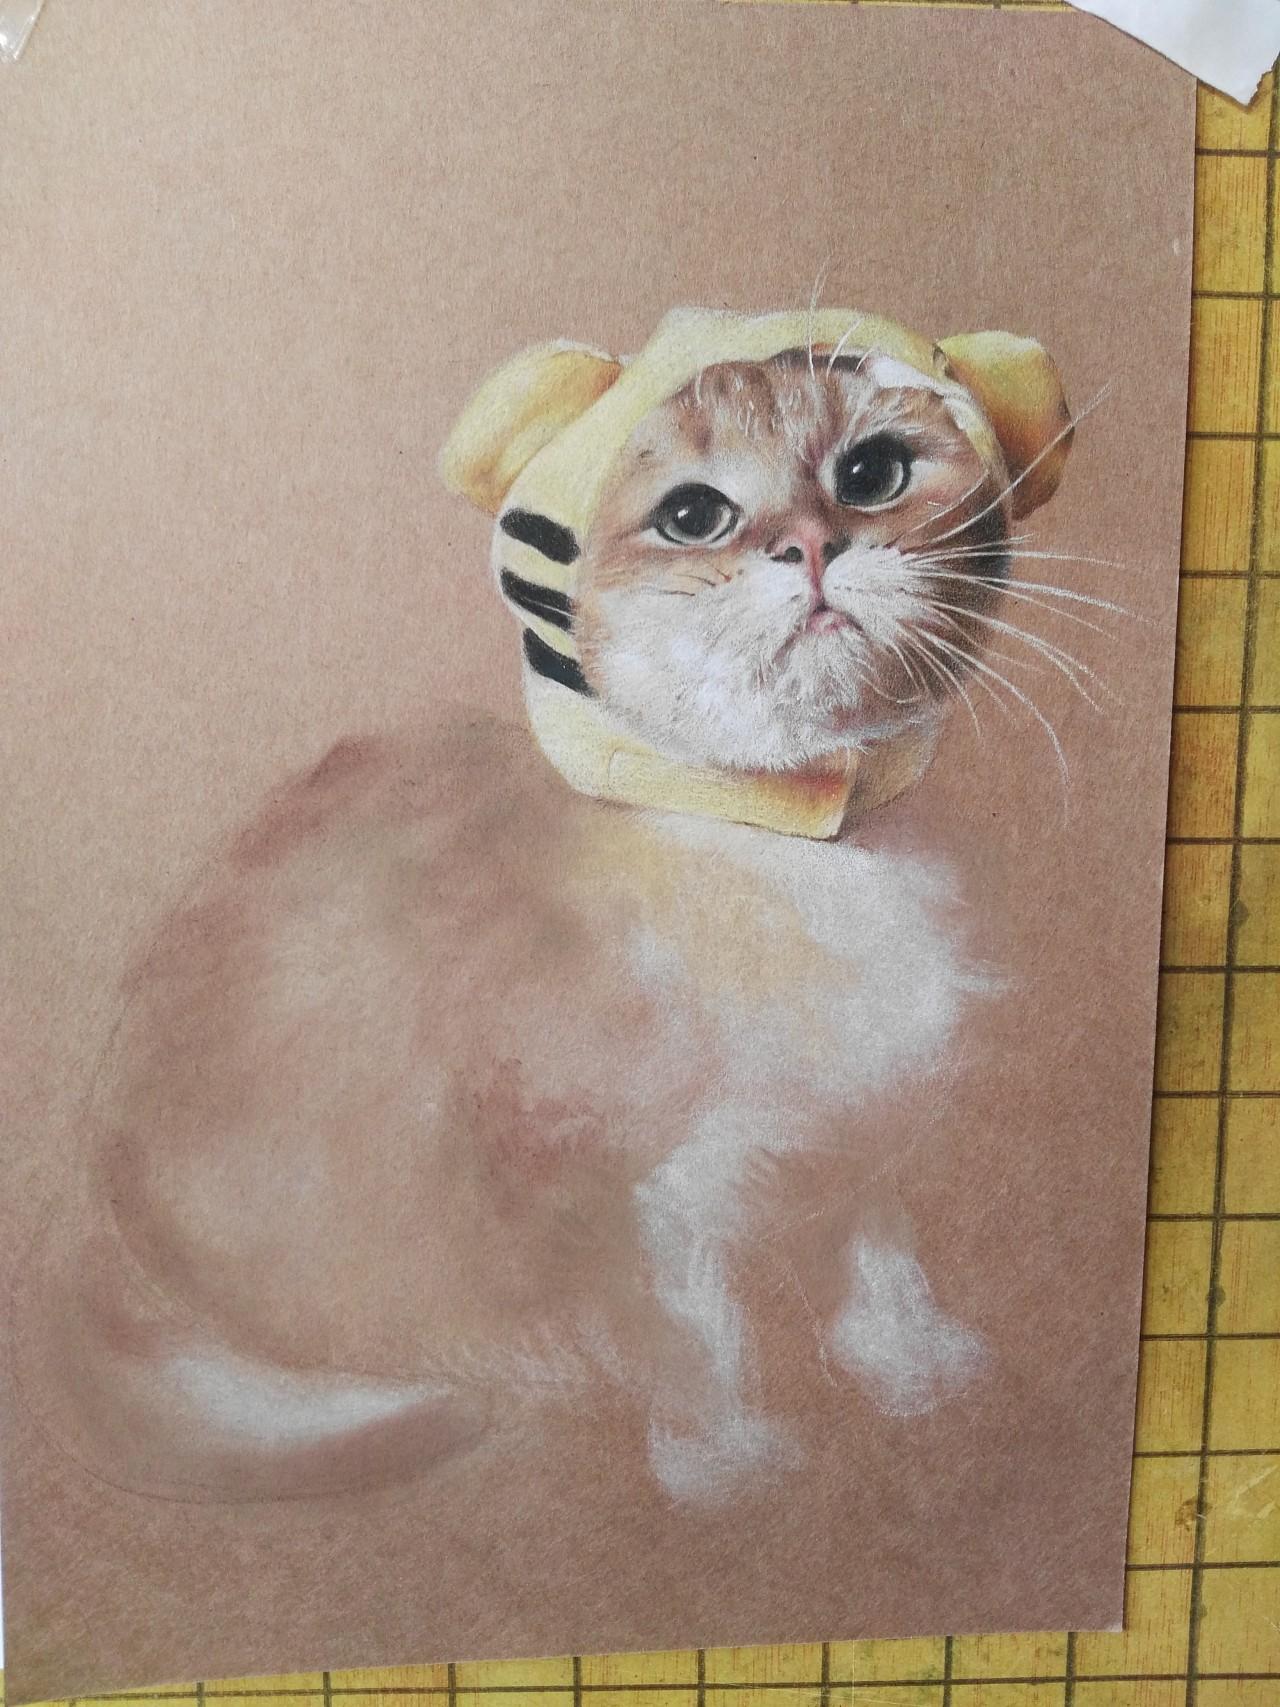 可爱彩铅_彩铅手绘小奶猫|纯艺术|彩铅|天使心小秋 - 原创作品 - 站酷 (ZCOOL)